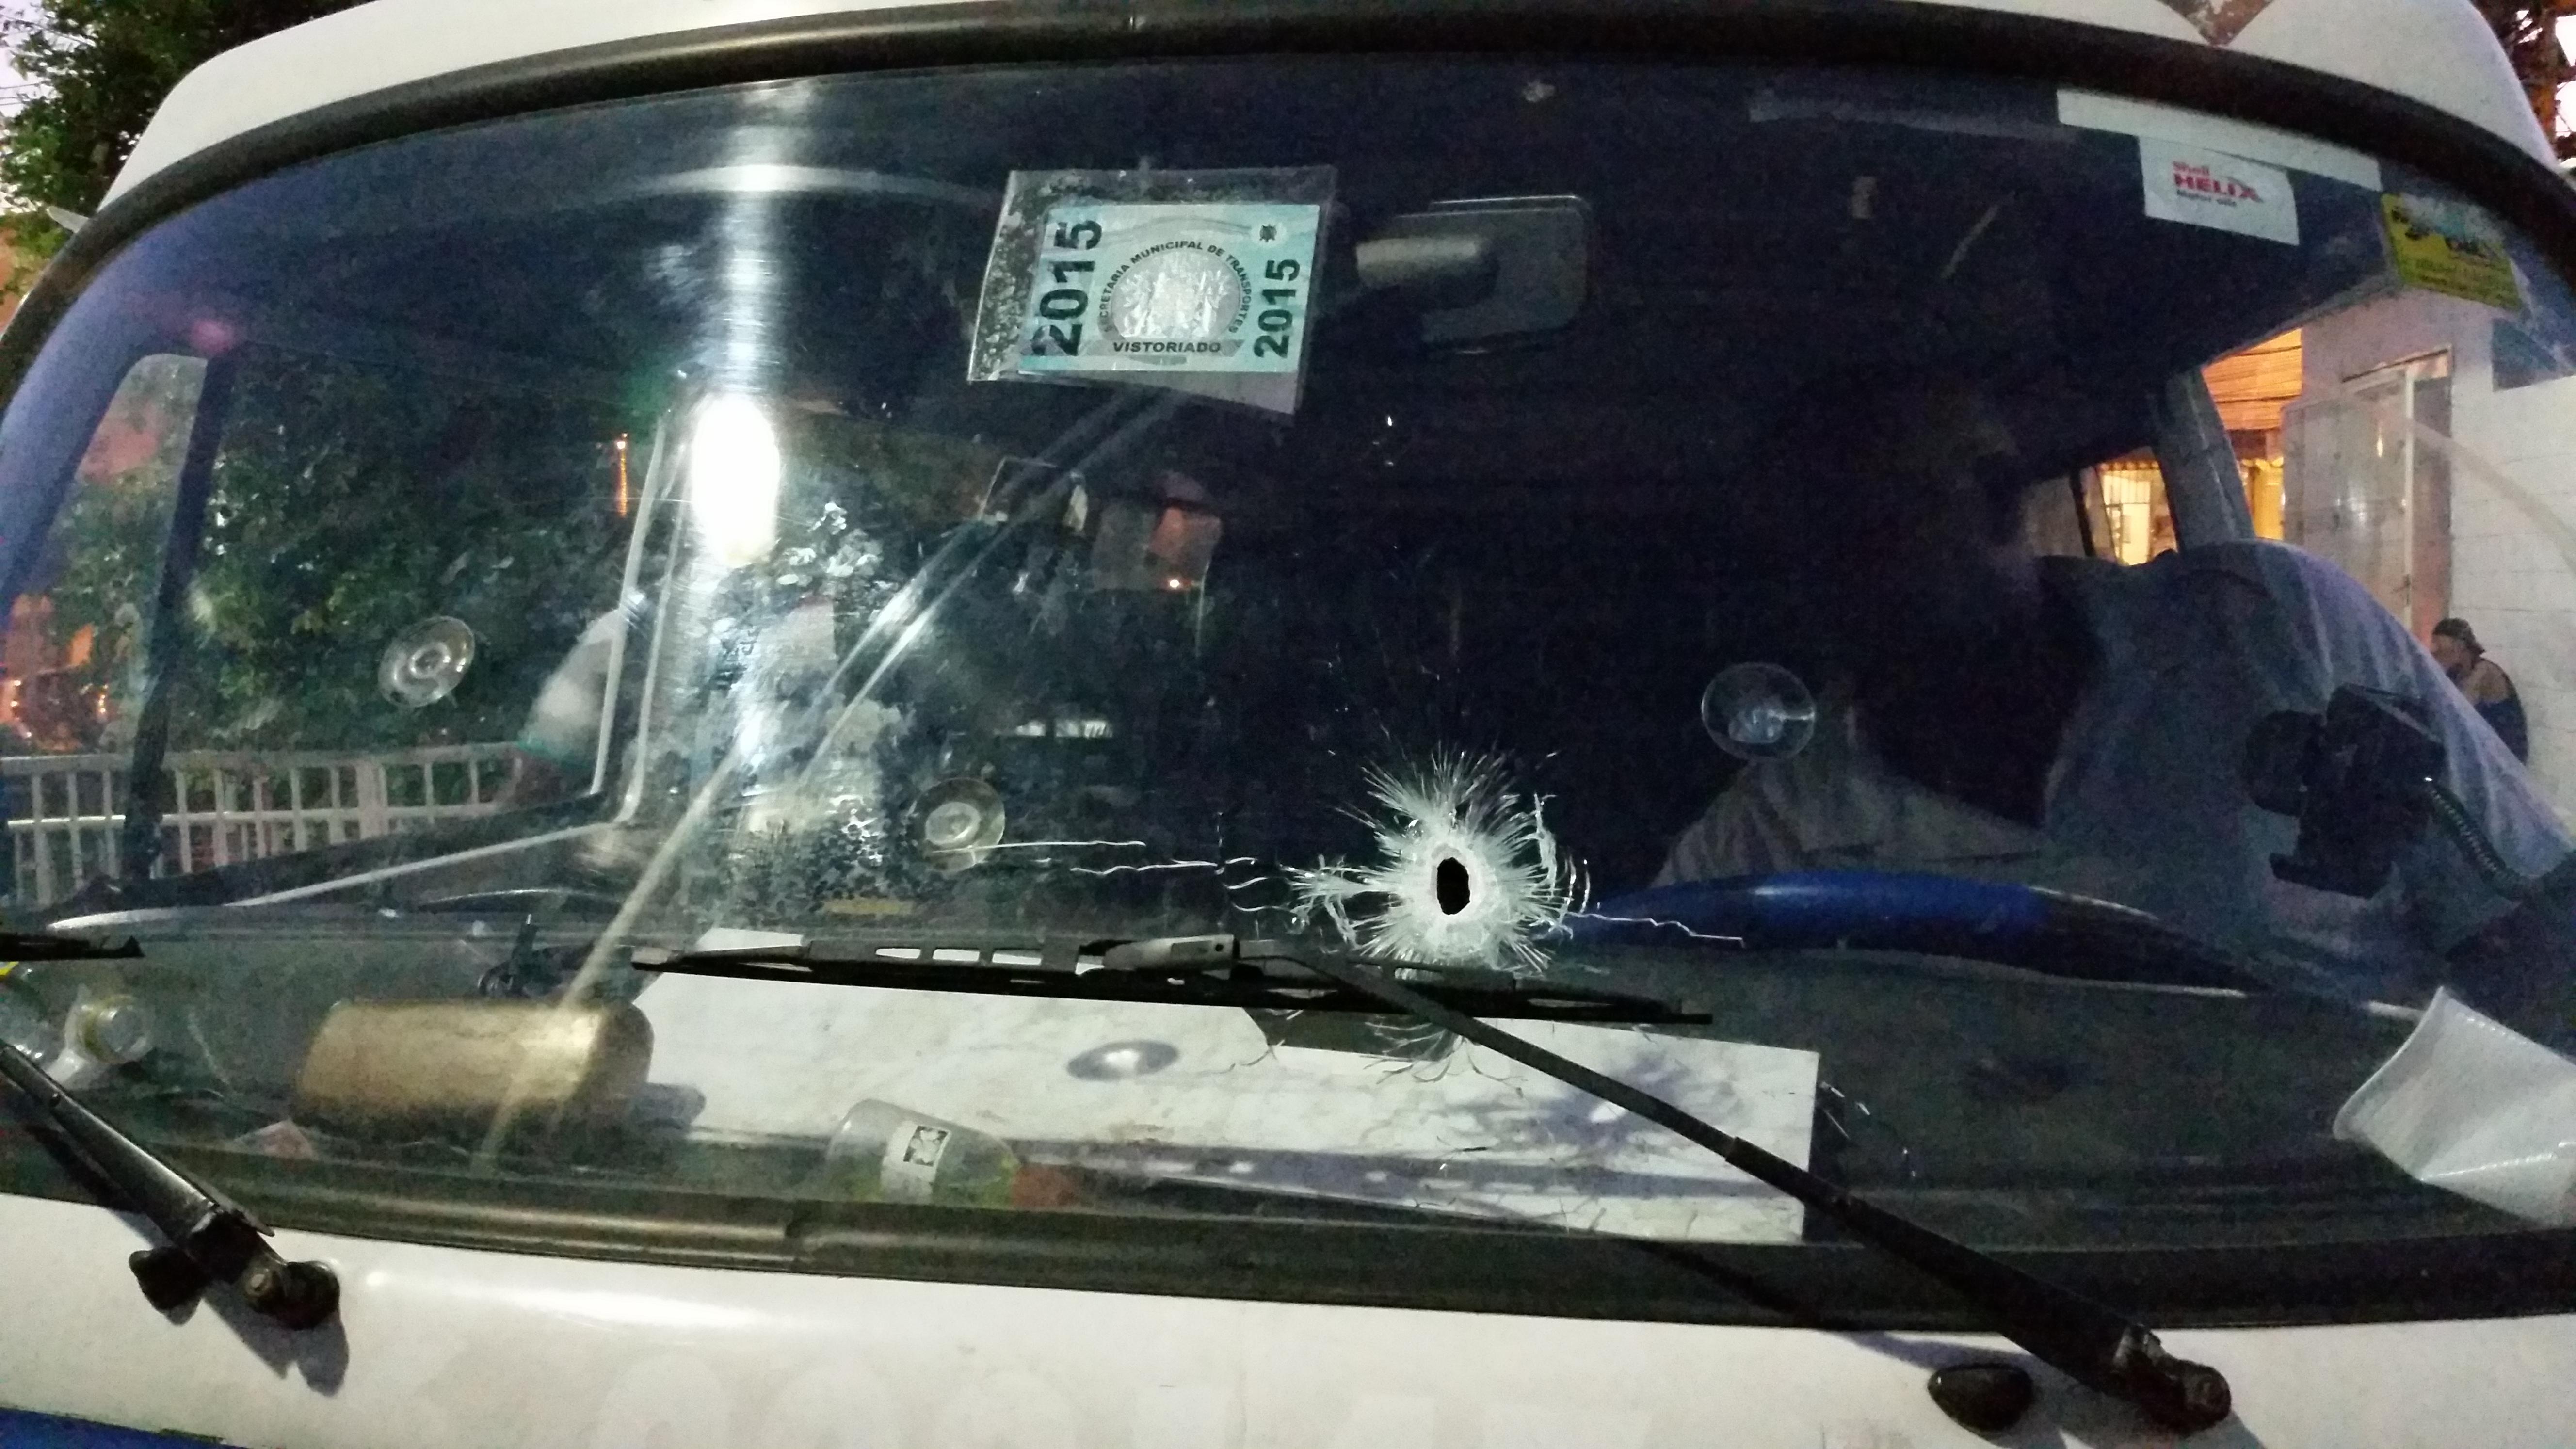 GUERRA: Mais dois moradores são baleados neste sábado no Alemão